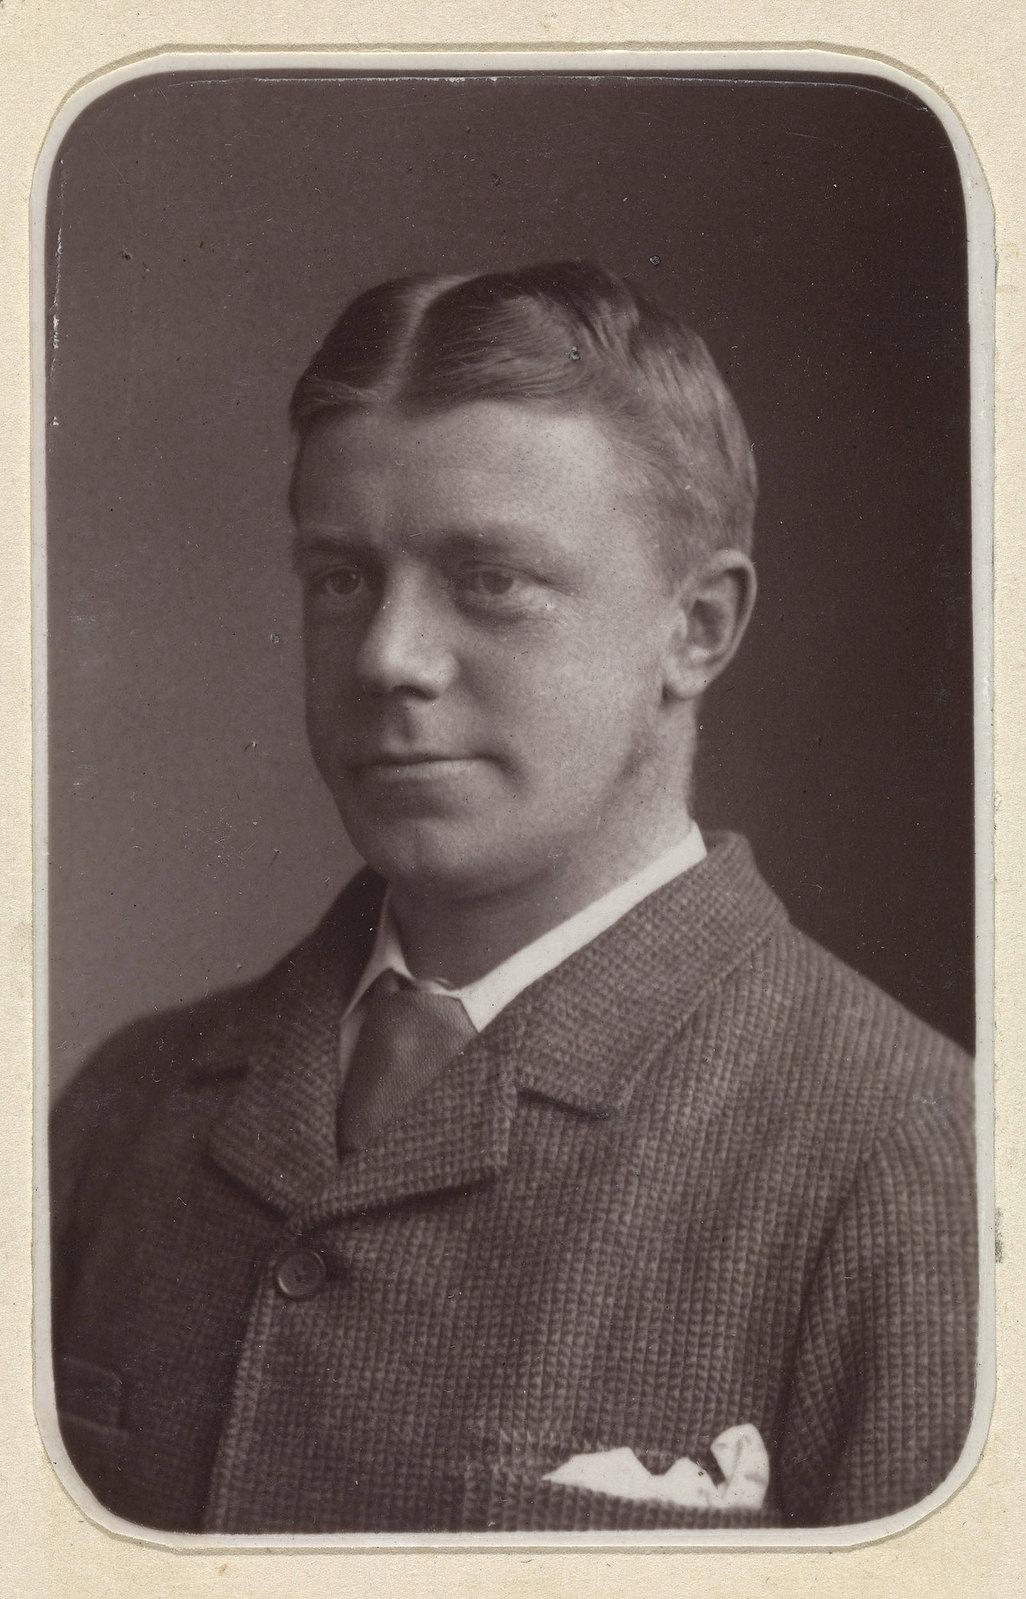 15. Уайетт Роусон был военно-морским адъютантом во время англо-египетской войны. Он был убит в битве при Тель-эль-Кебире